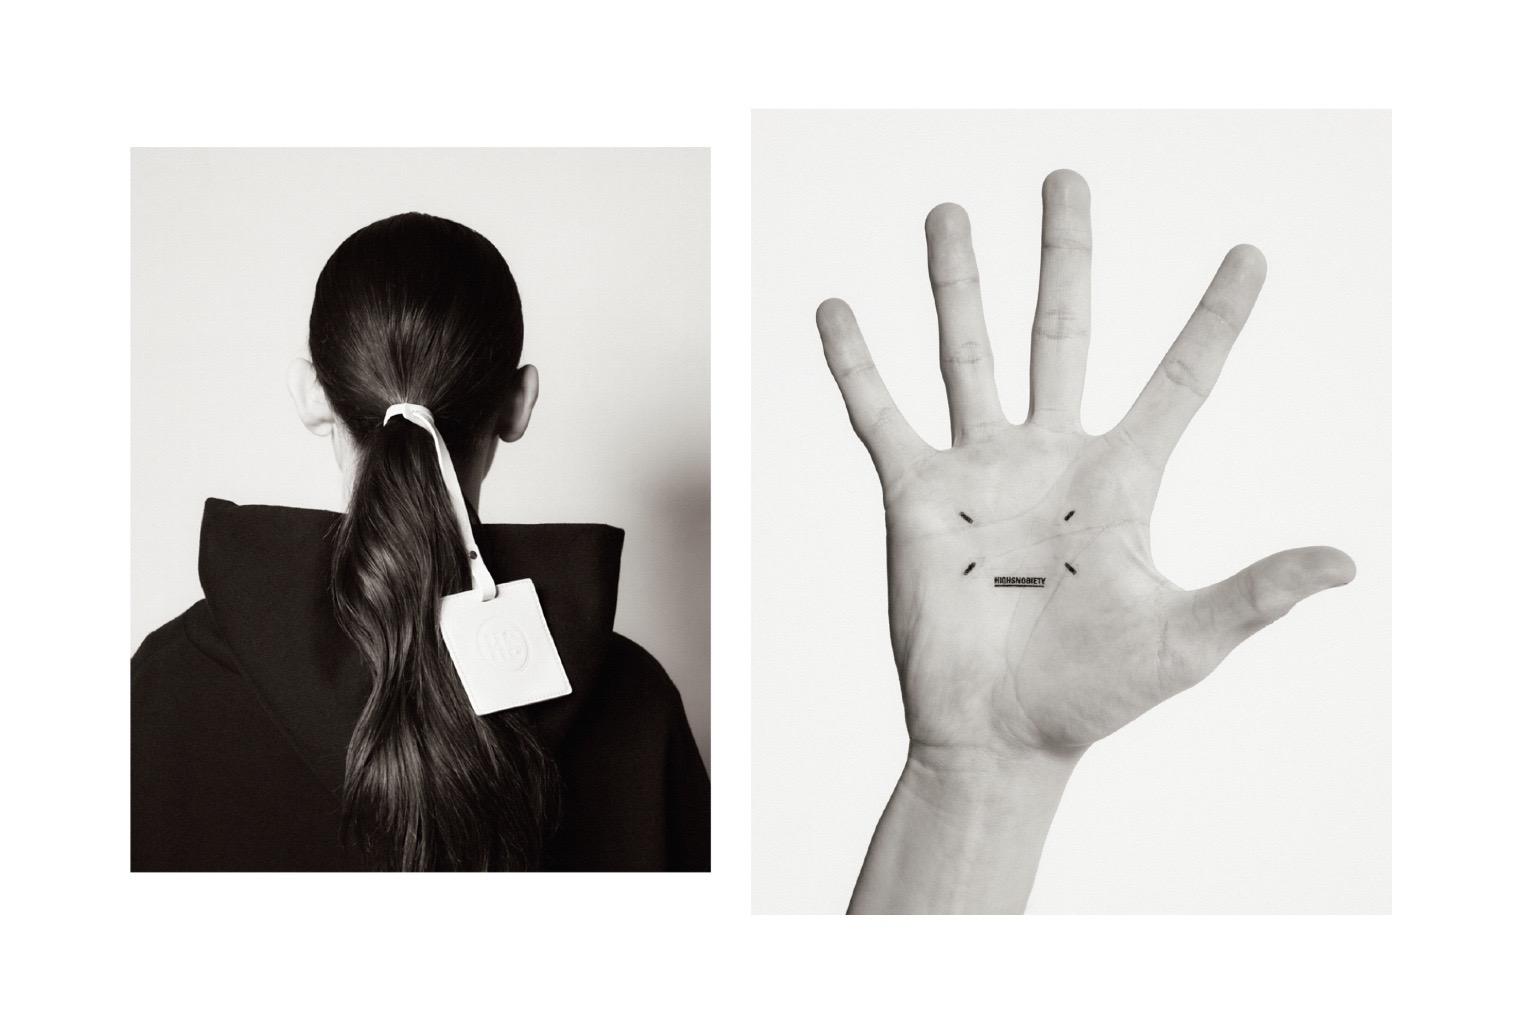 Maison Martin Margielaのレガシー マルタン・マルジェラが捉えた不可視性